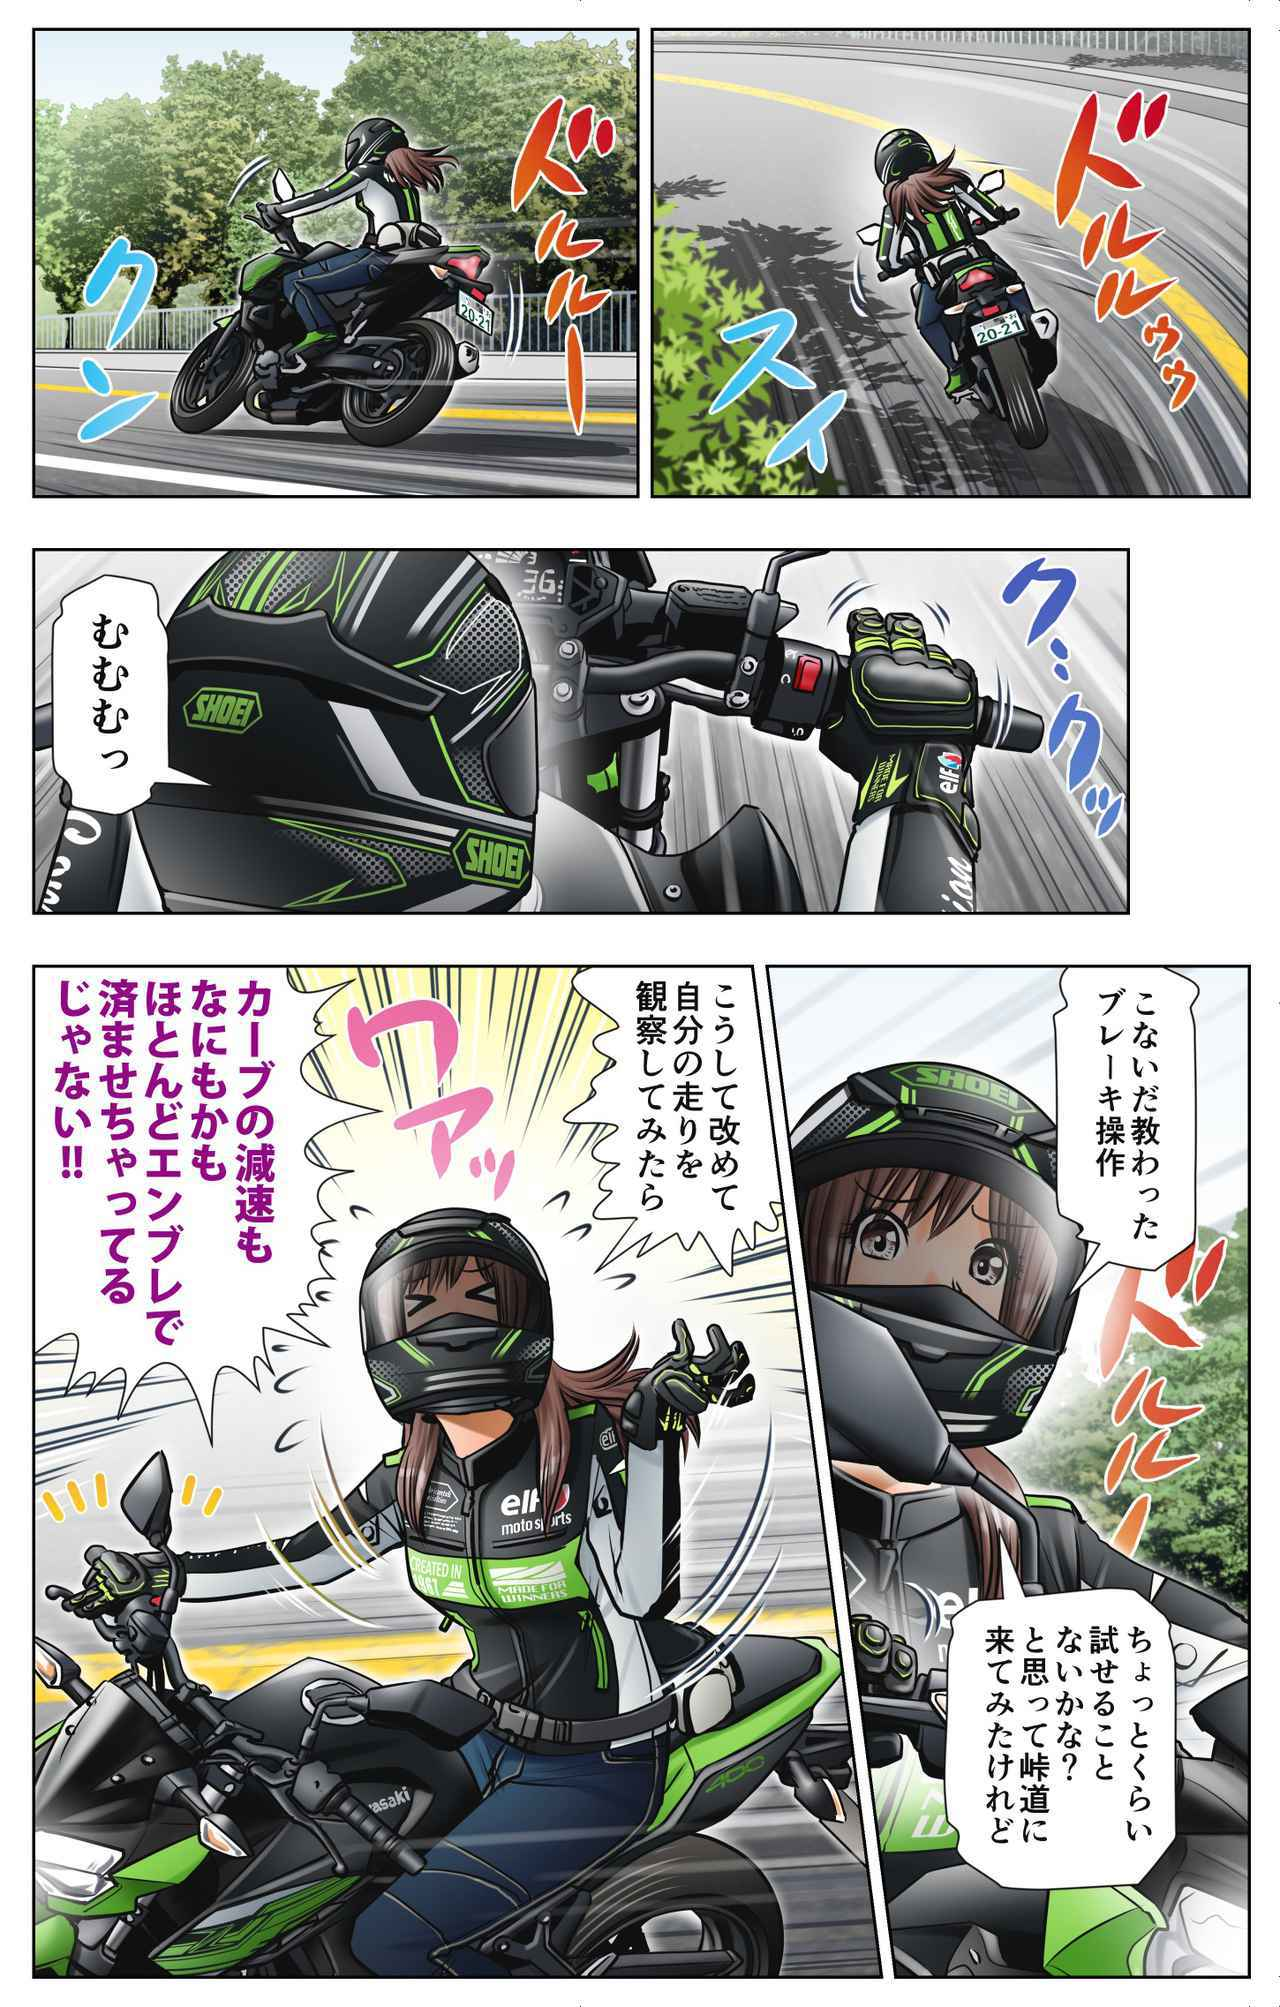 画像2: 第22話 エンジン・ブレーキとはなんぞや?/ゆる~くライテク談義『モトシーカーズ・カフェへようこそ!』